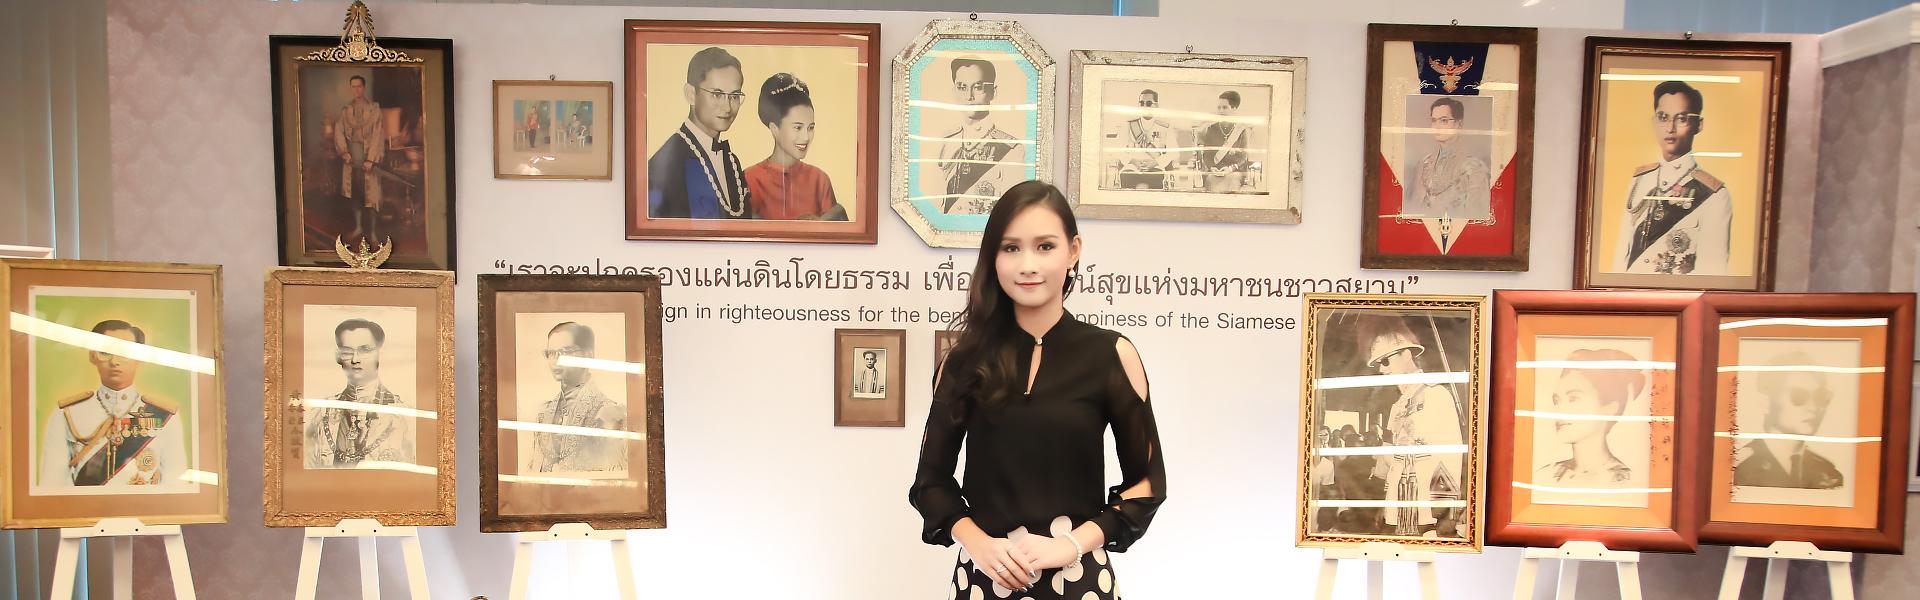 """แก้ม - ชัญญา ชวนคนไทยชมนิทรรศการ """"พระบารมีปกเกล้า เหล่าปวงประชา"""" น้อมรำลึกในพระมหากรุณาธิคุณ ของพระบาทสมเด็จพระปรมินทรมหาภูมิพลอดุลยเดช ณ สถานีวิทยุโทรทัศน์ไทยทีวีสีช่อง 3"""